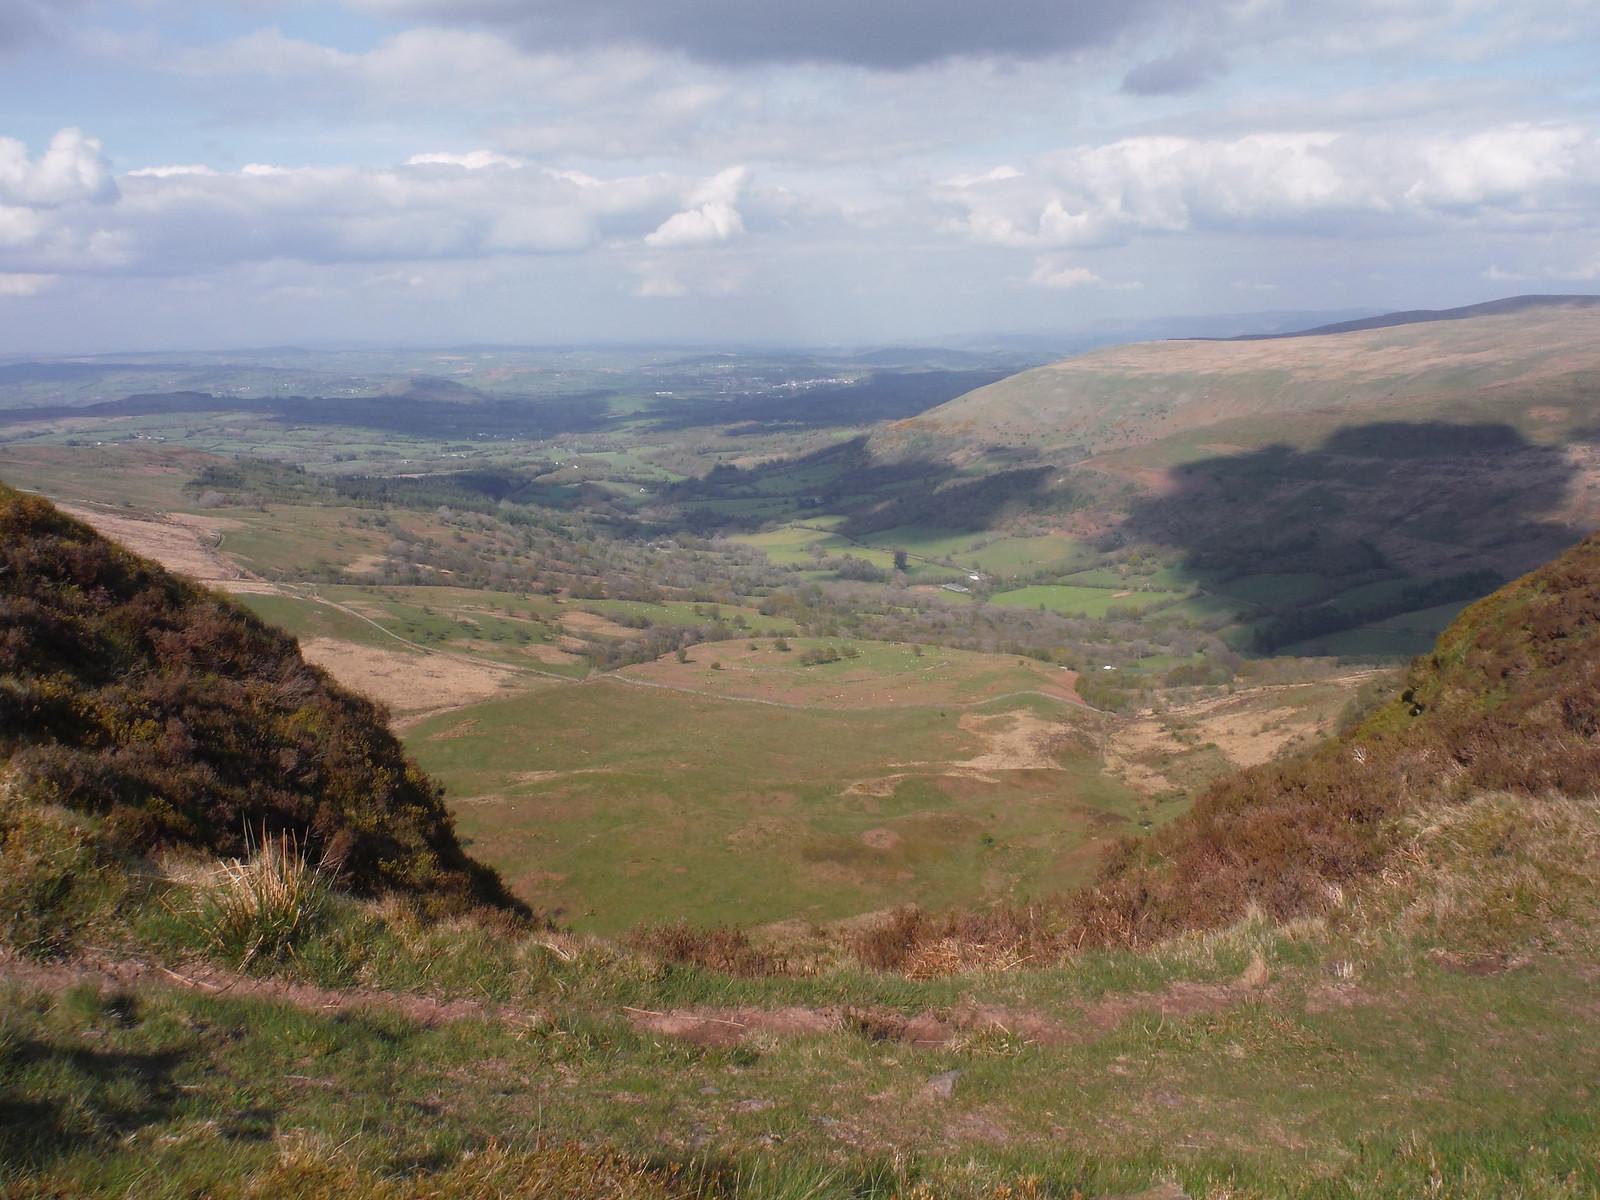 Glyn Tarell towards Brecon, from Craig Cerrig-gleisiad SWC Walk 307 - Fforest Fawr Traverse (Craig y Nos to Llwyn-y-celyn)